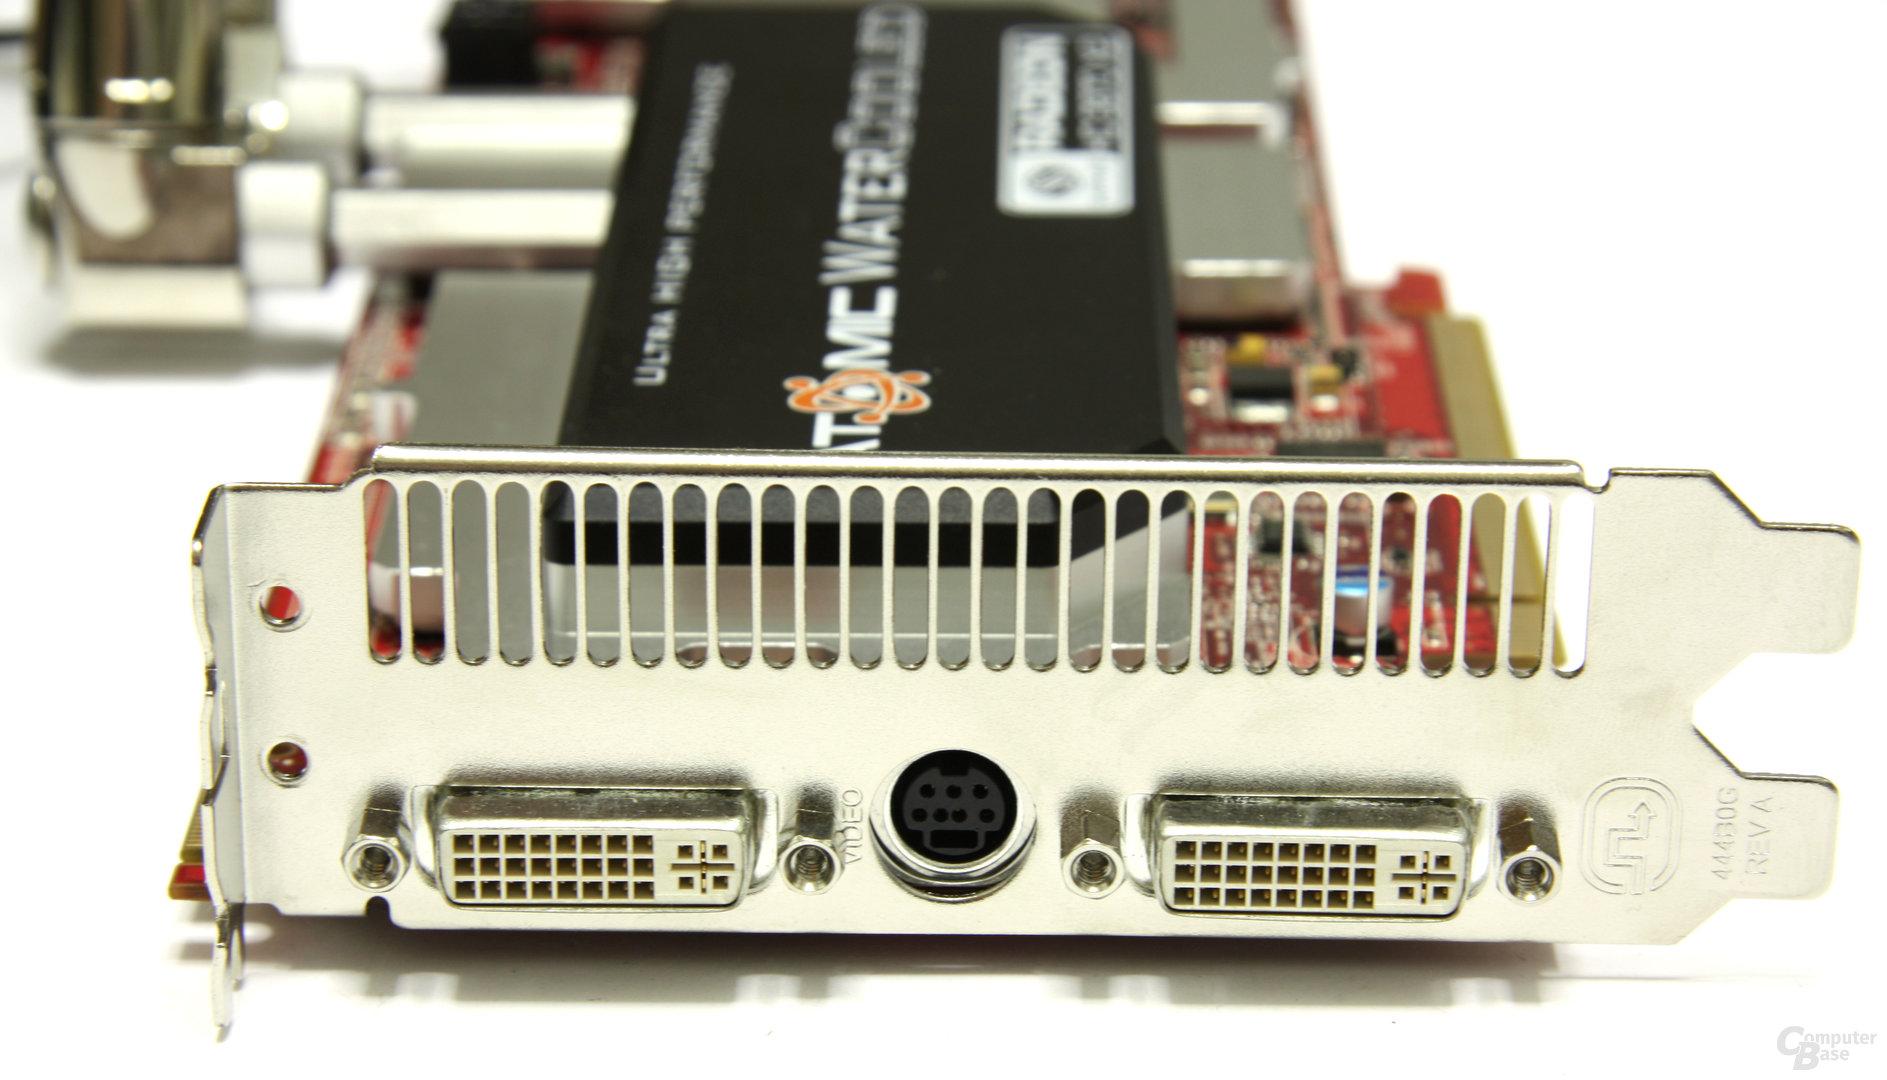 Radeon HD 3870 X2 Atomic Slotblech